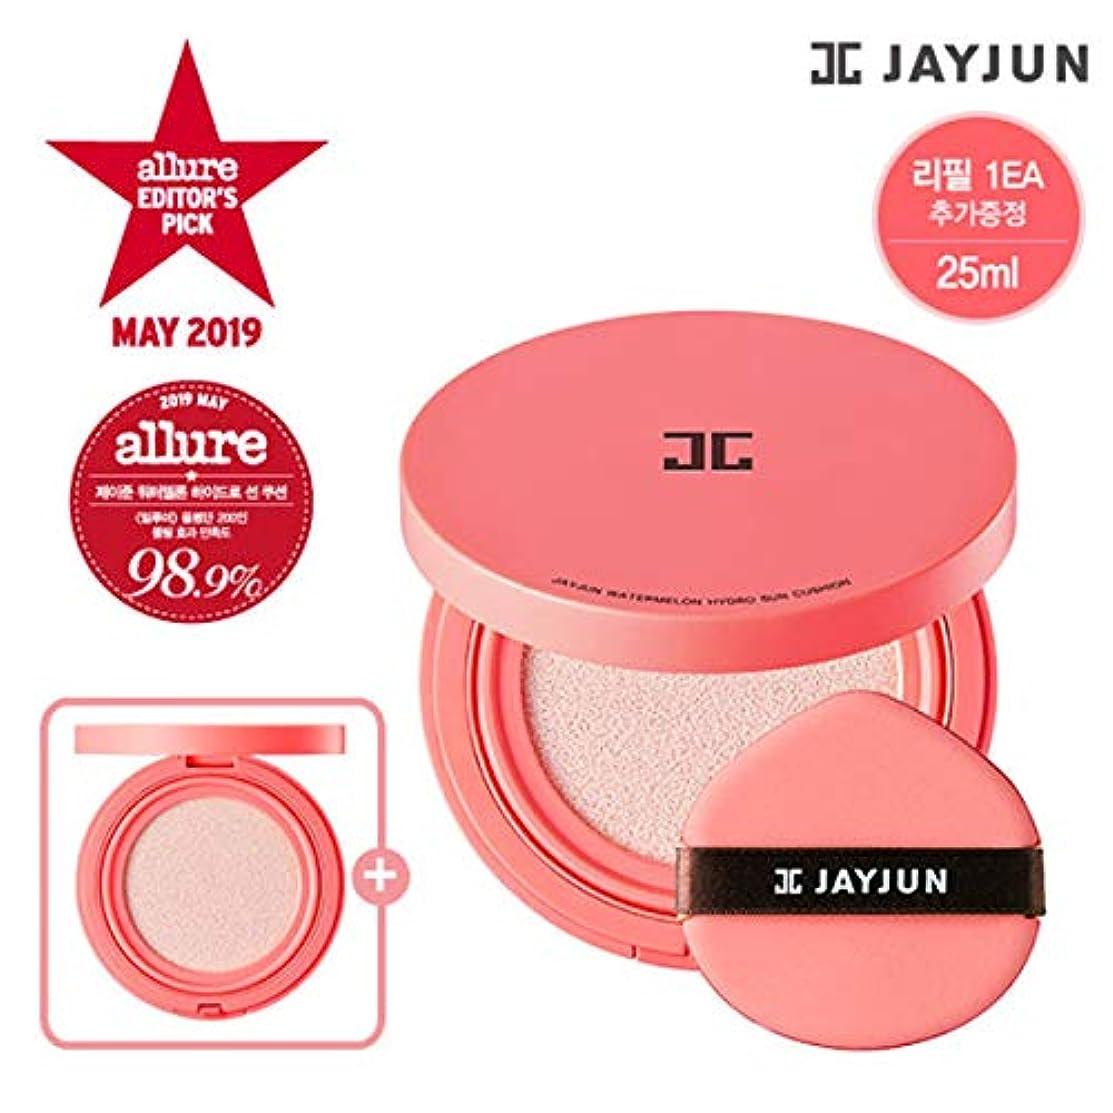 ジェイジュン スイカハイドロサンクッション SPF50+/PA++++ / Jayjun Watermelon Hydro Sun Cushion (本品 25g + 詰め替え 25g)